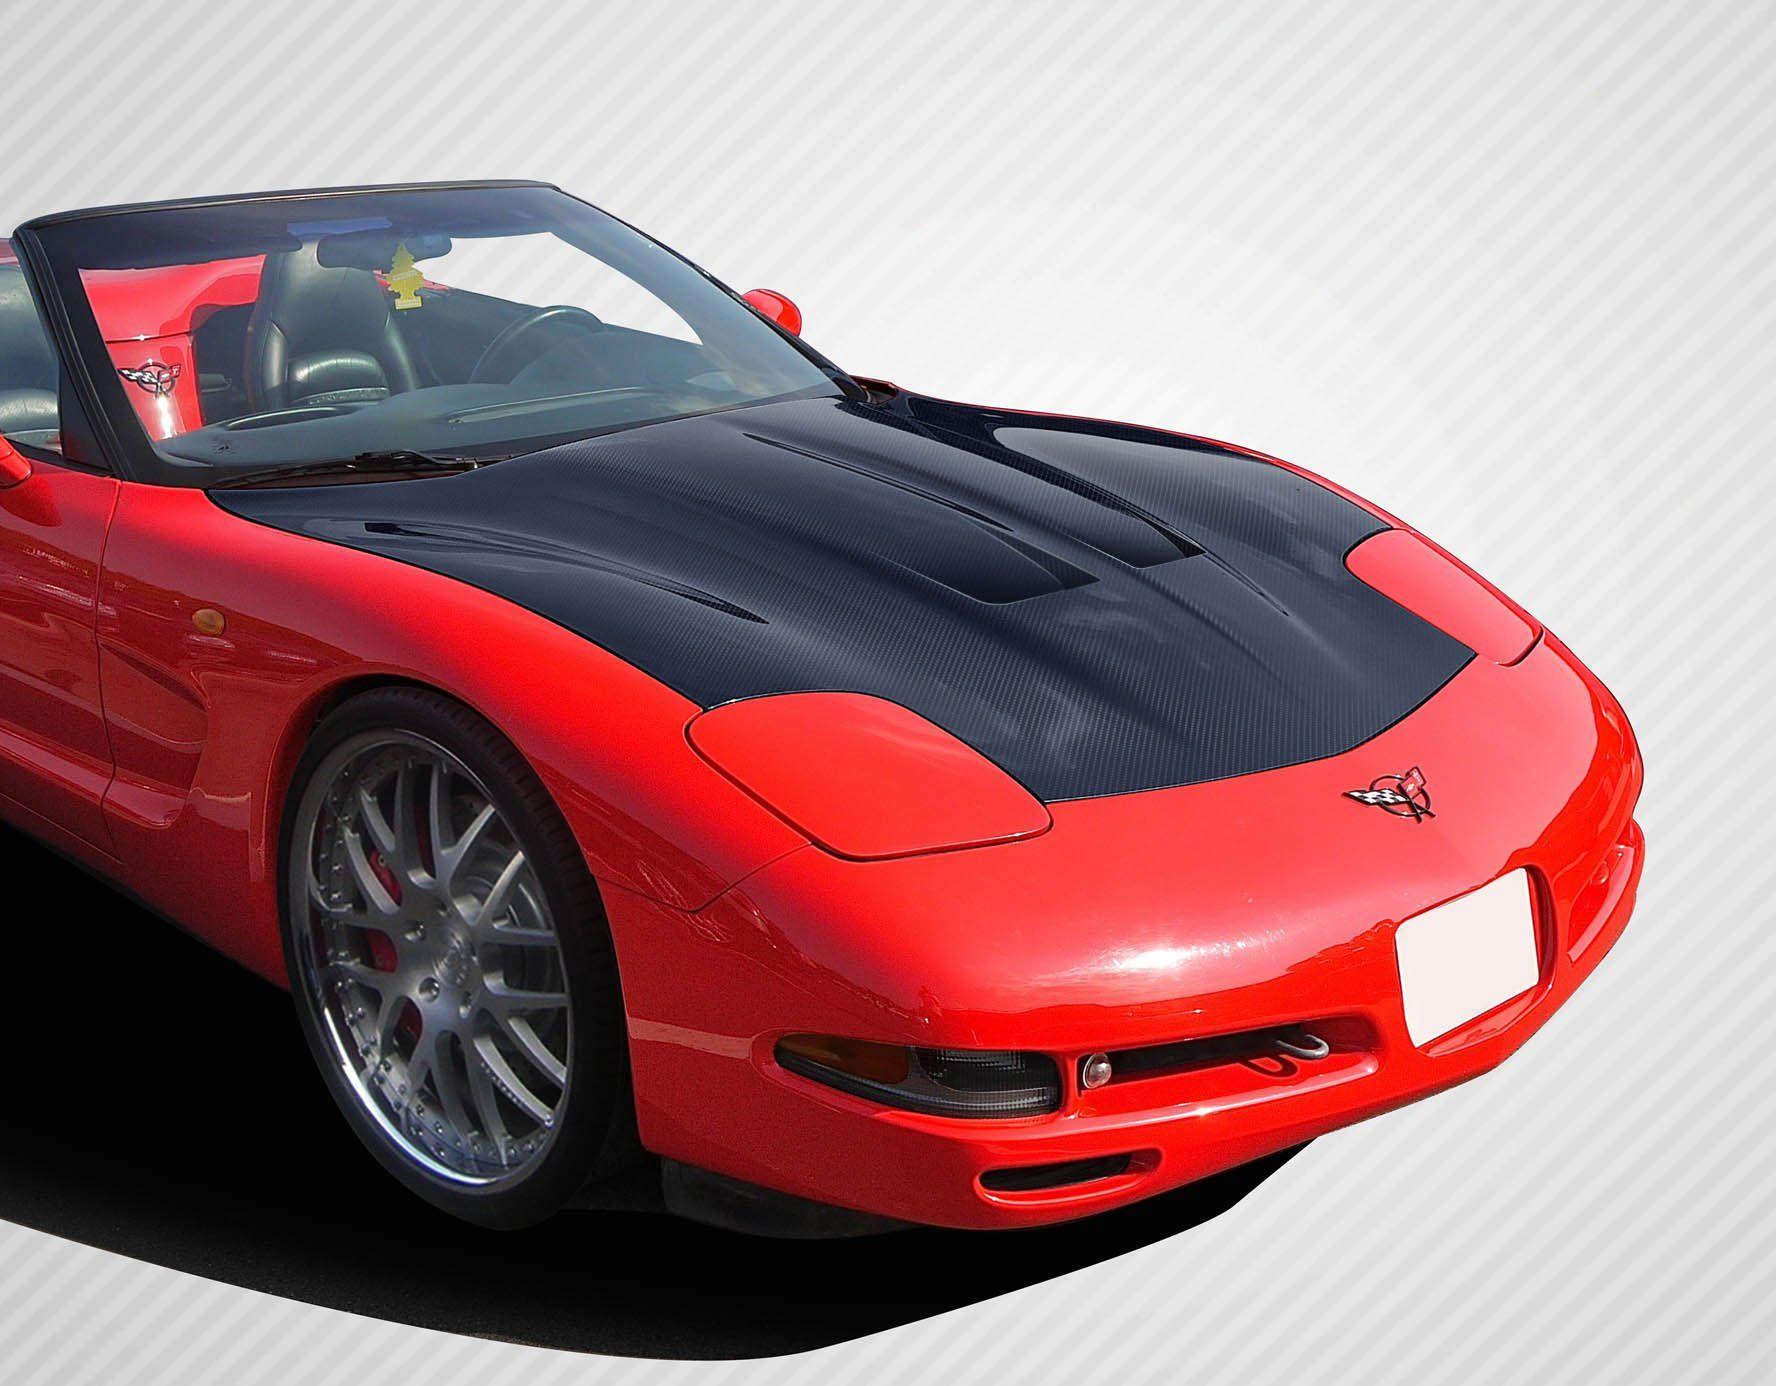 1997 2004 Chevrolet Corvette C5 Carbon Creations Gt Concept Hood 1 Piece Chevy Corvette Corvette Chevrolet Corvette